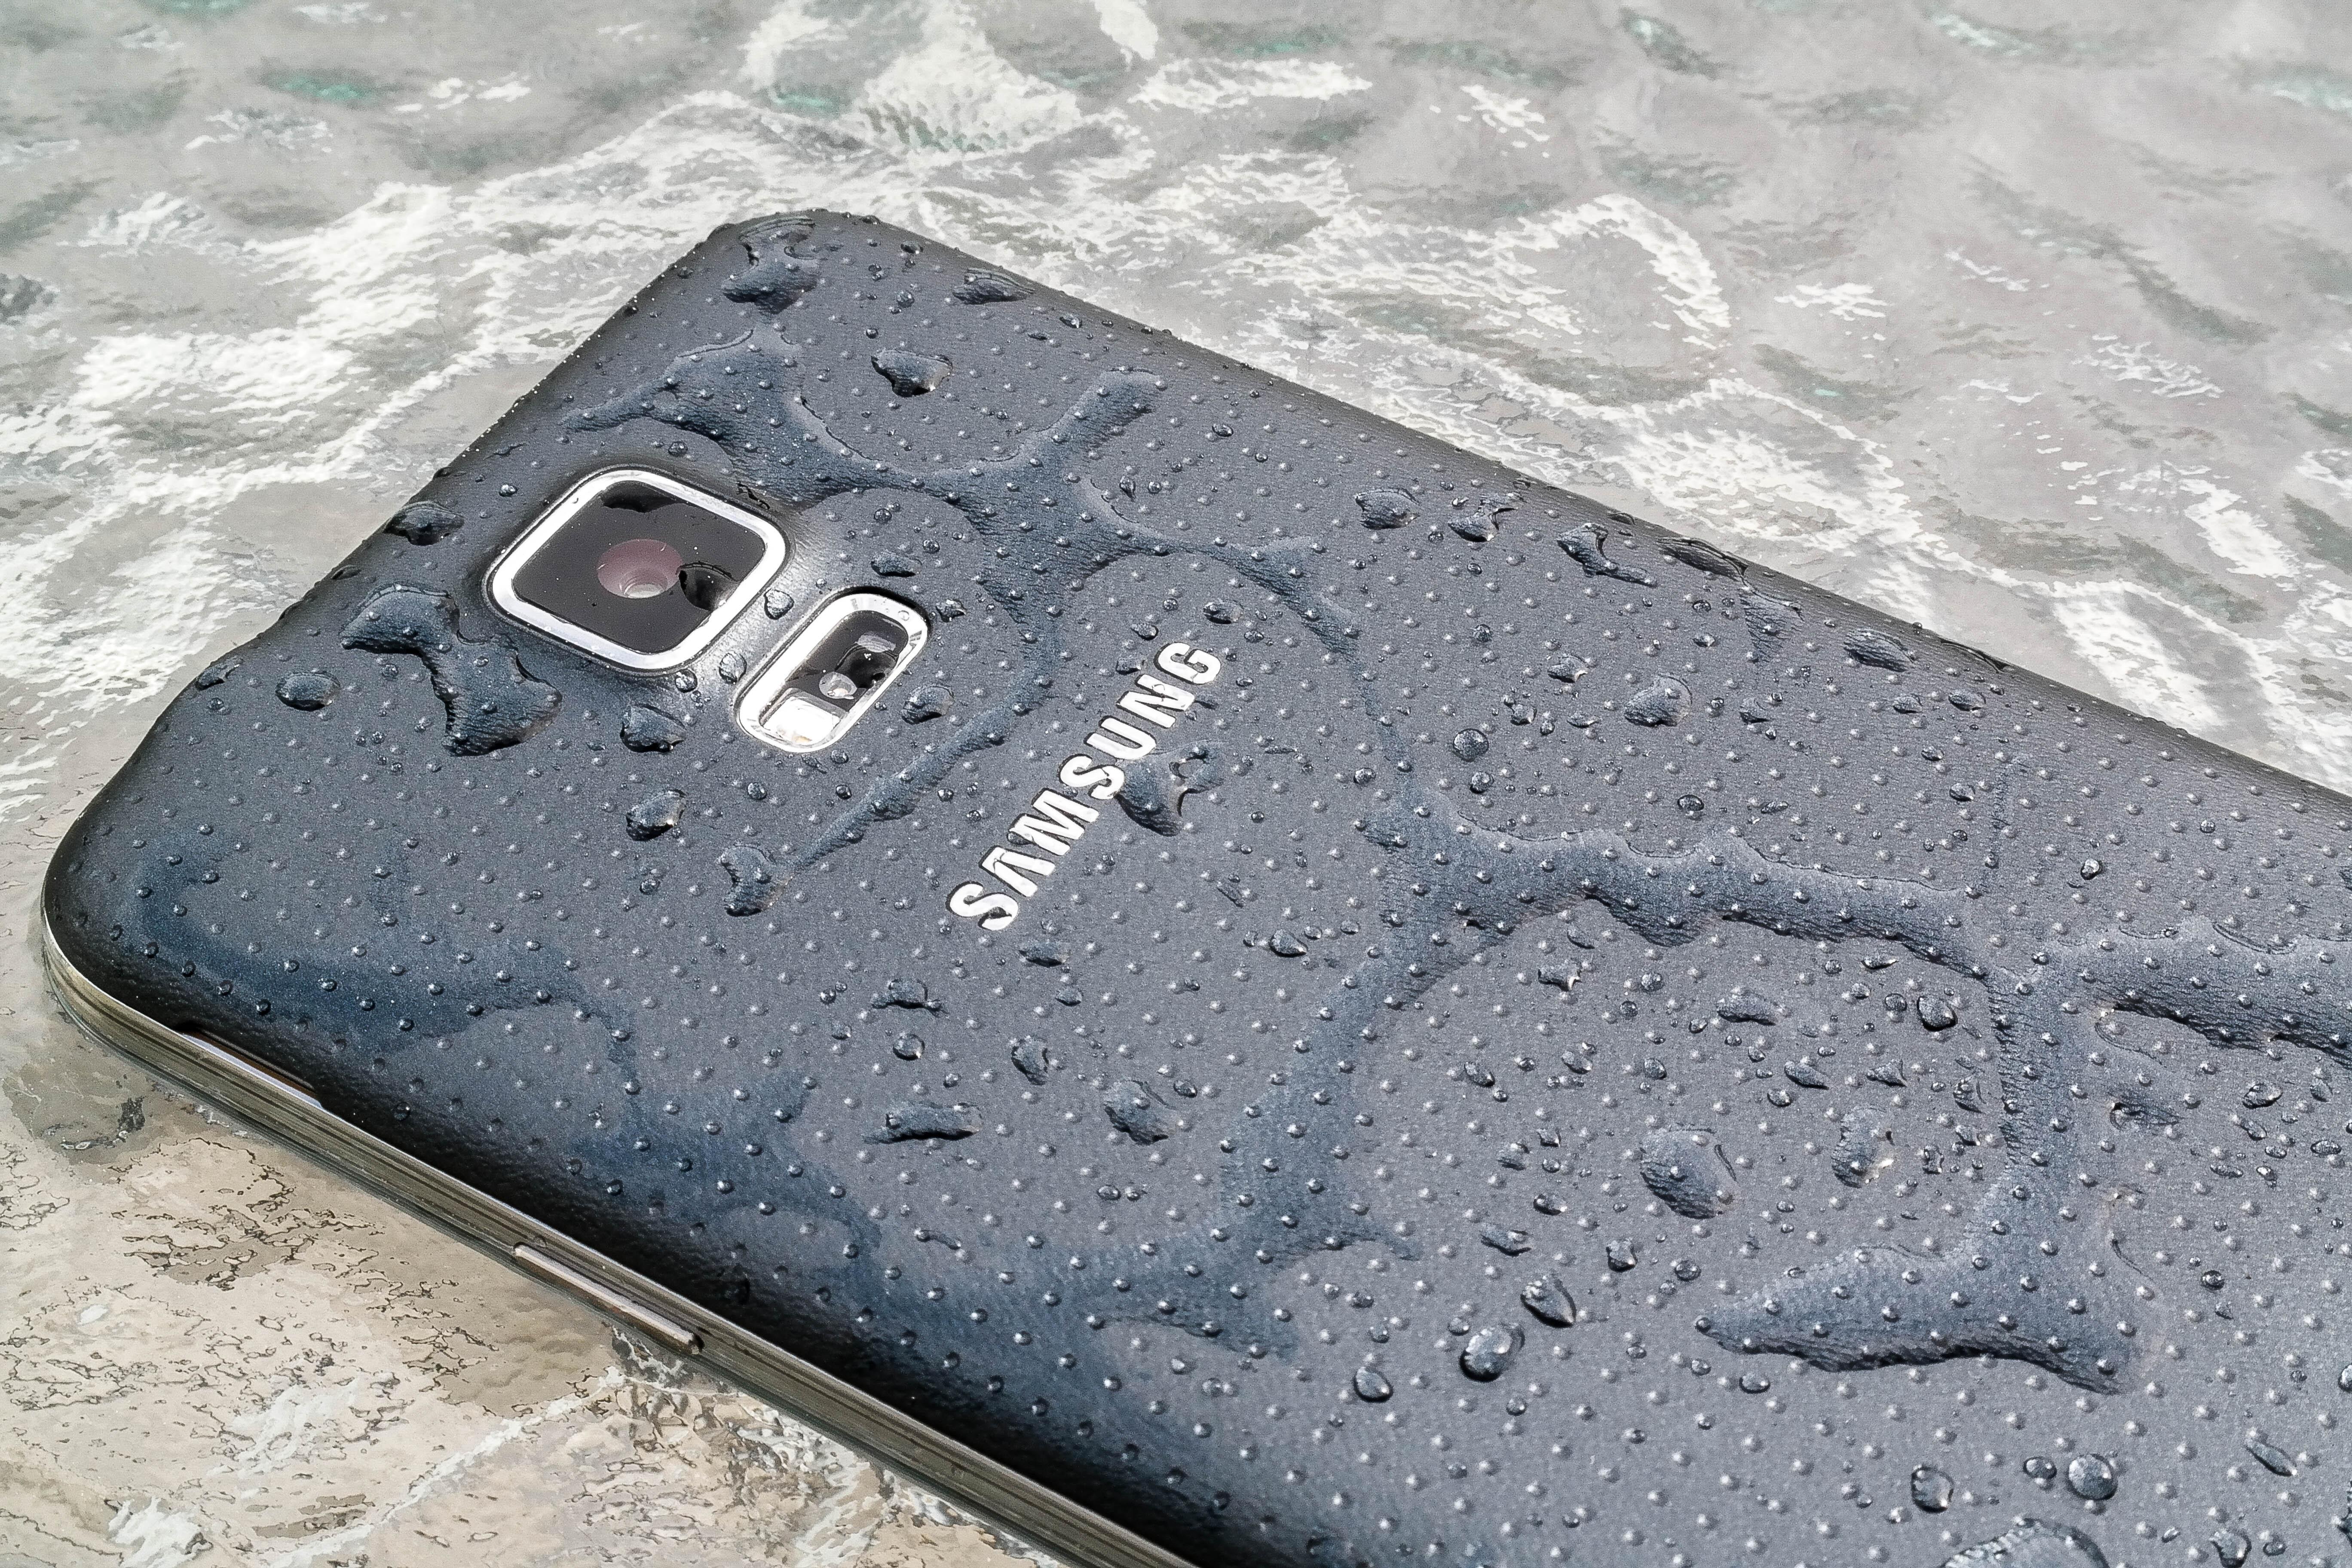 Galaxy S5 Active in Benchmark Ergebnissen aufgetaucht